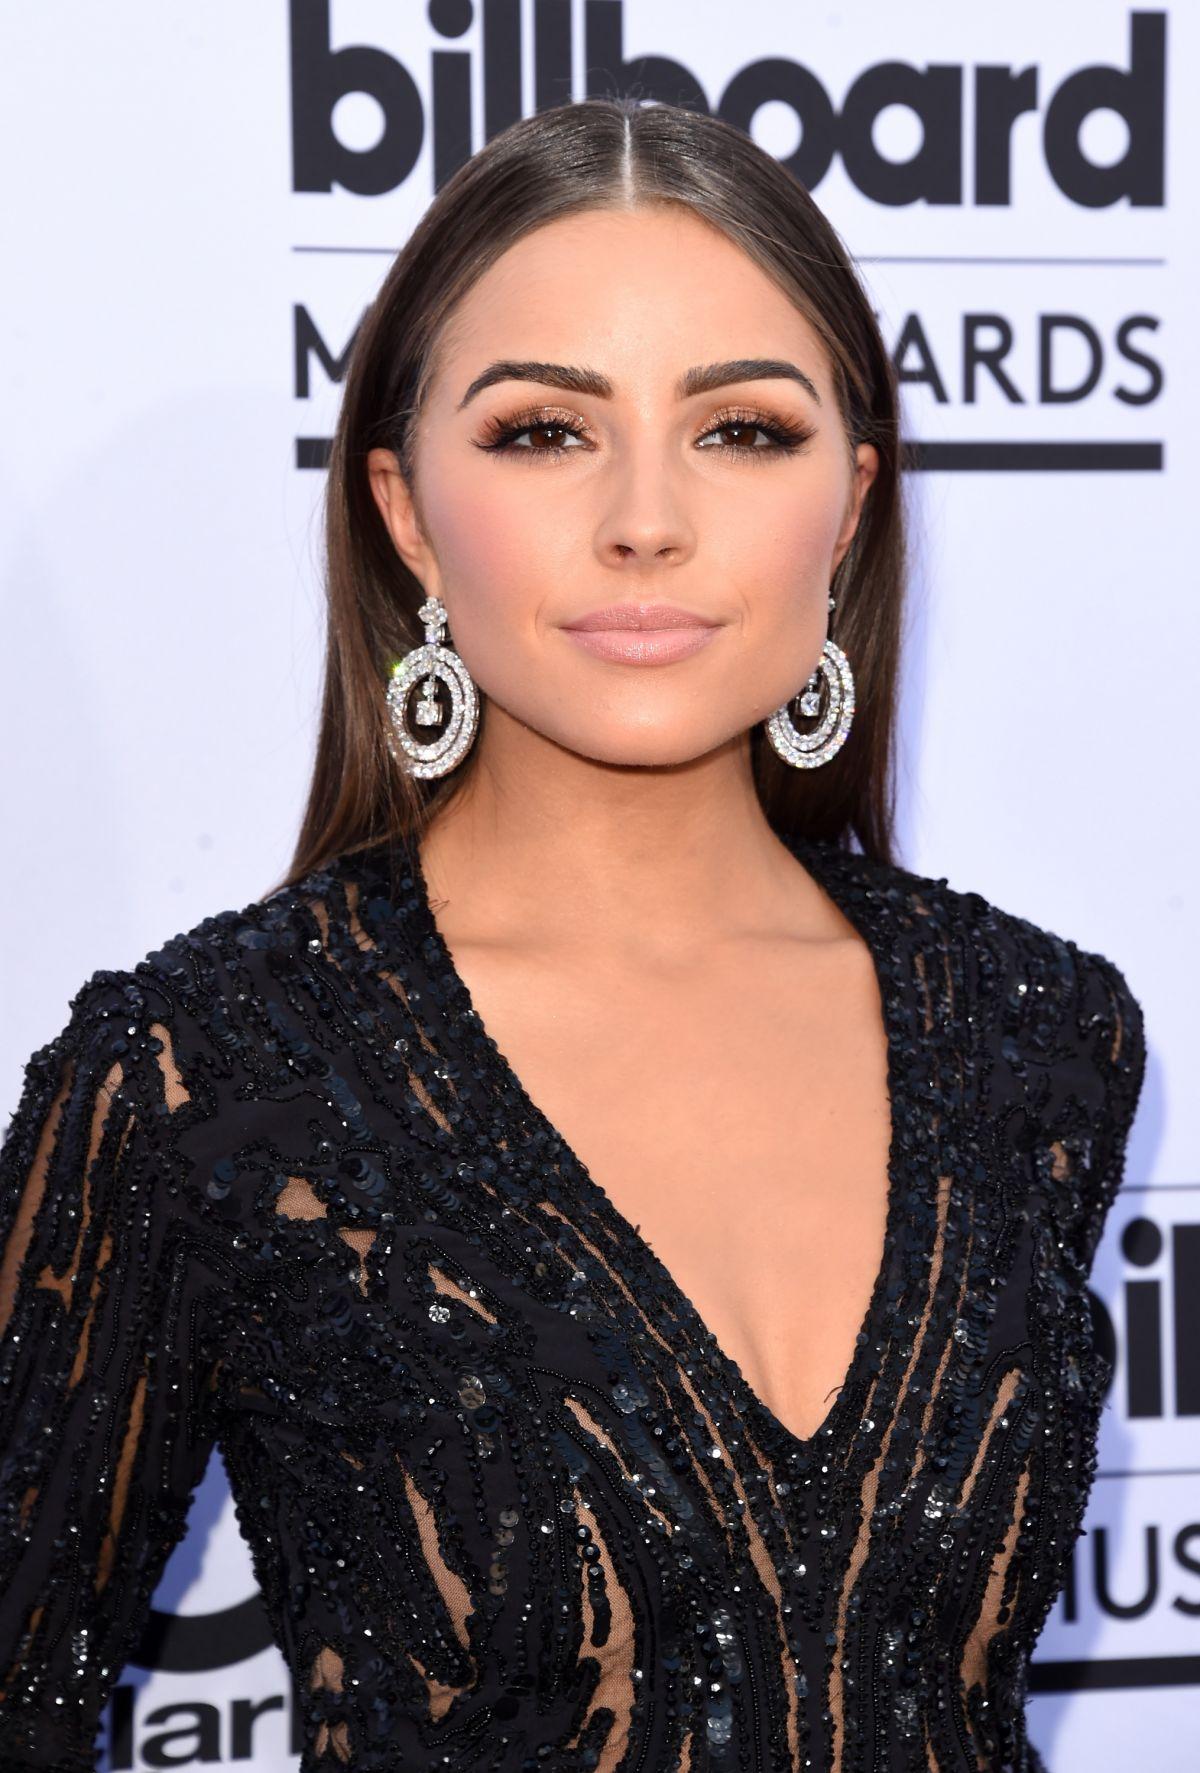 OLIVIA CULPO at 2015 Billboard Music Awards in Las Vegas